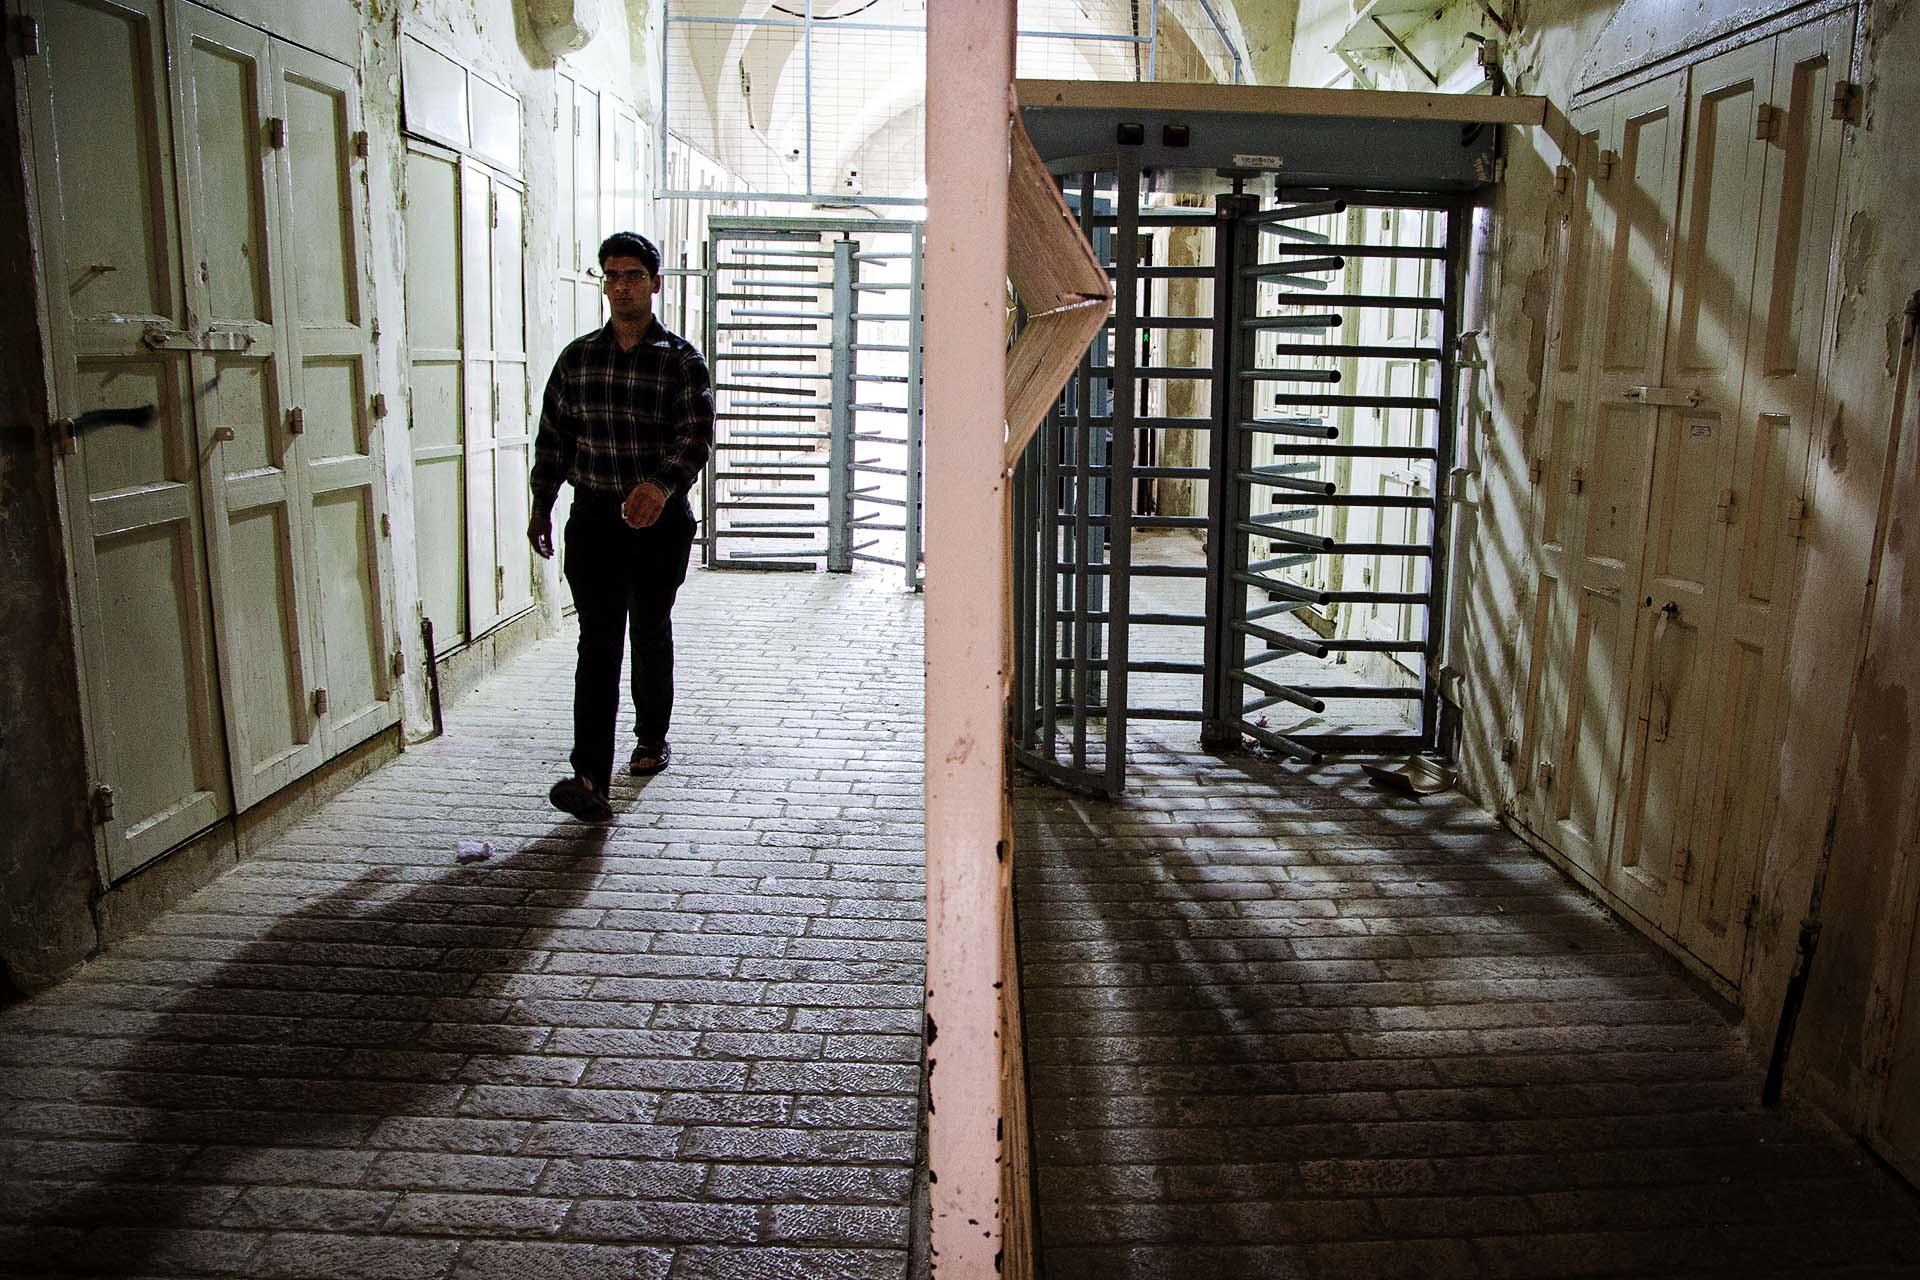 Control en el que murió un joven tiroteado por la Policía de Fronteras israelí  el 25 de abril de 2015, por atacar supuestamente con un cuchillo a un guardia. Inmediaciones de la Tumba de los Patriarcas, Hebrón.